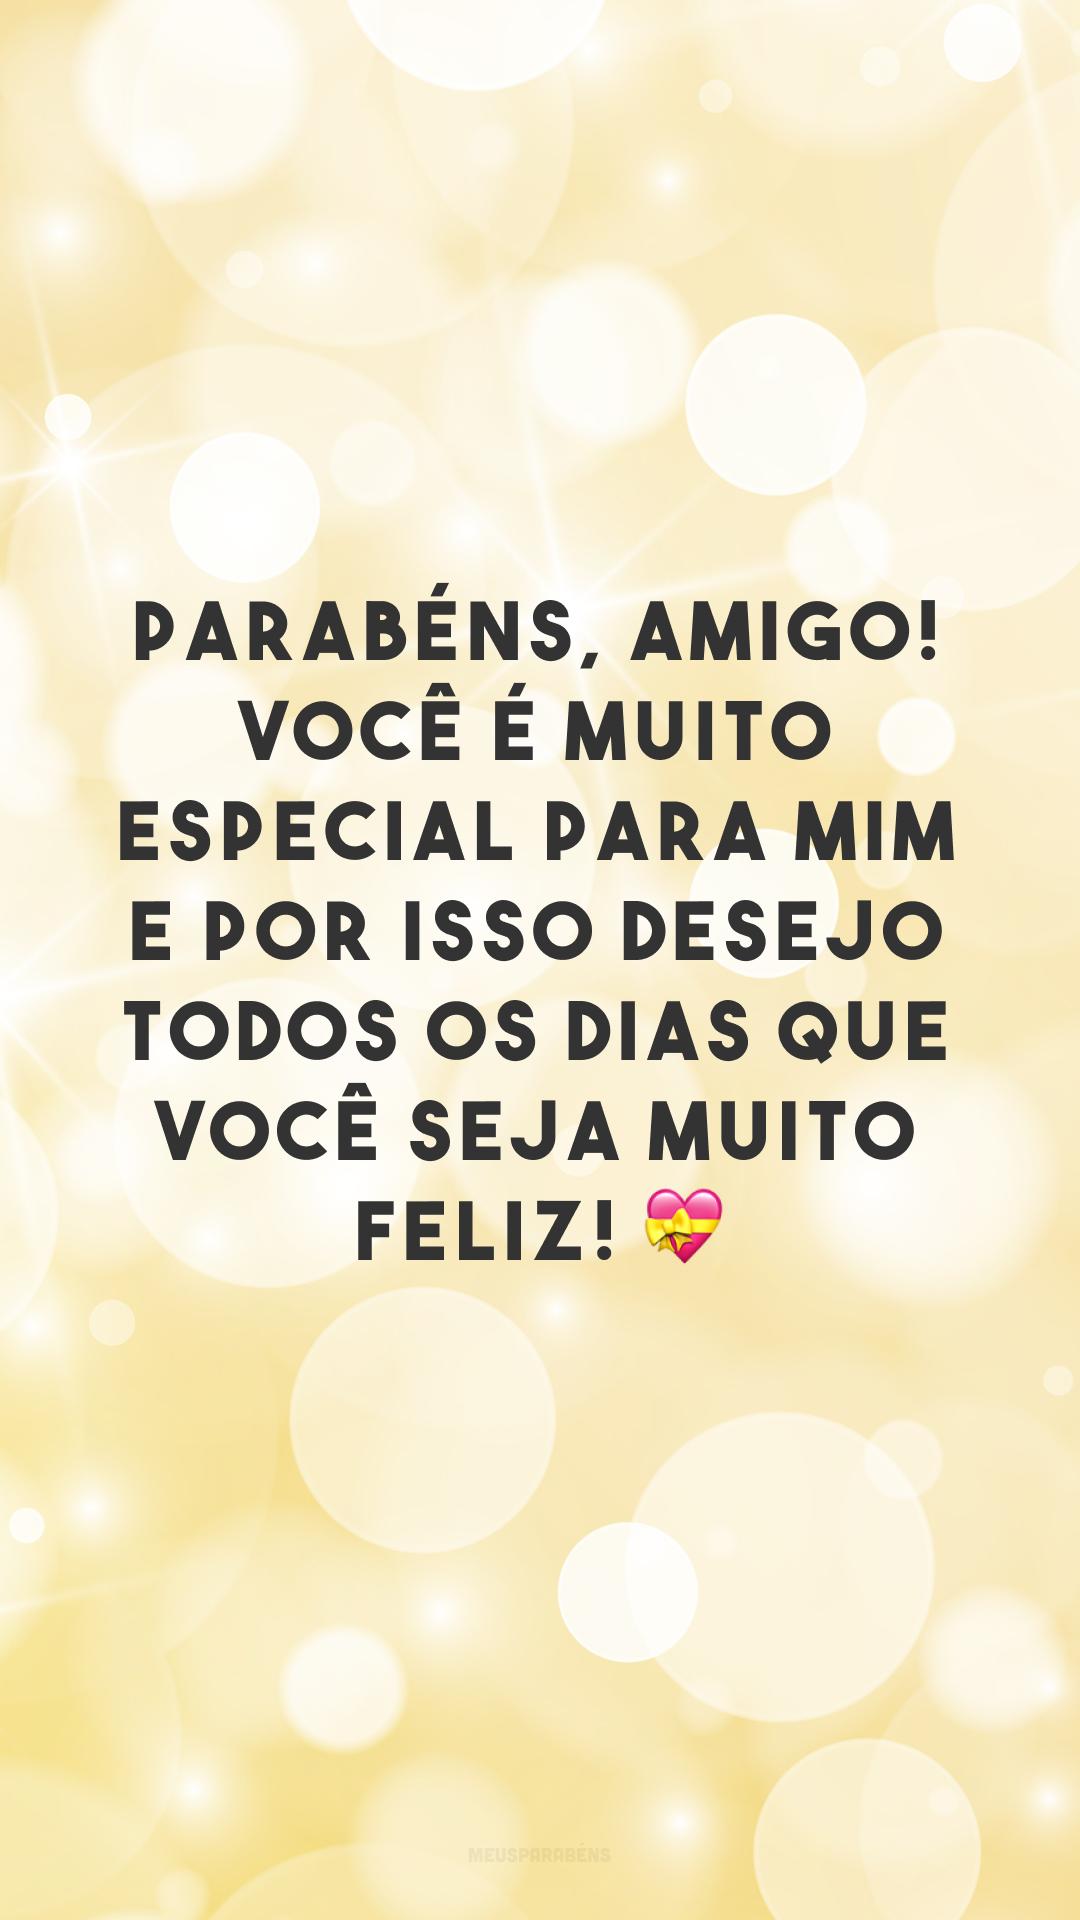 Parabéns, amigo! Você é muito especial para mim e por isso desejo todos os dias que você seja muito feliz! 💝